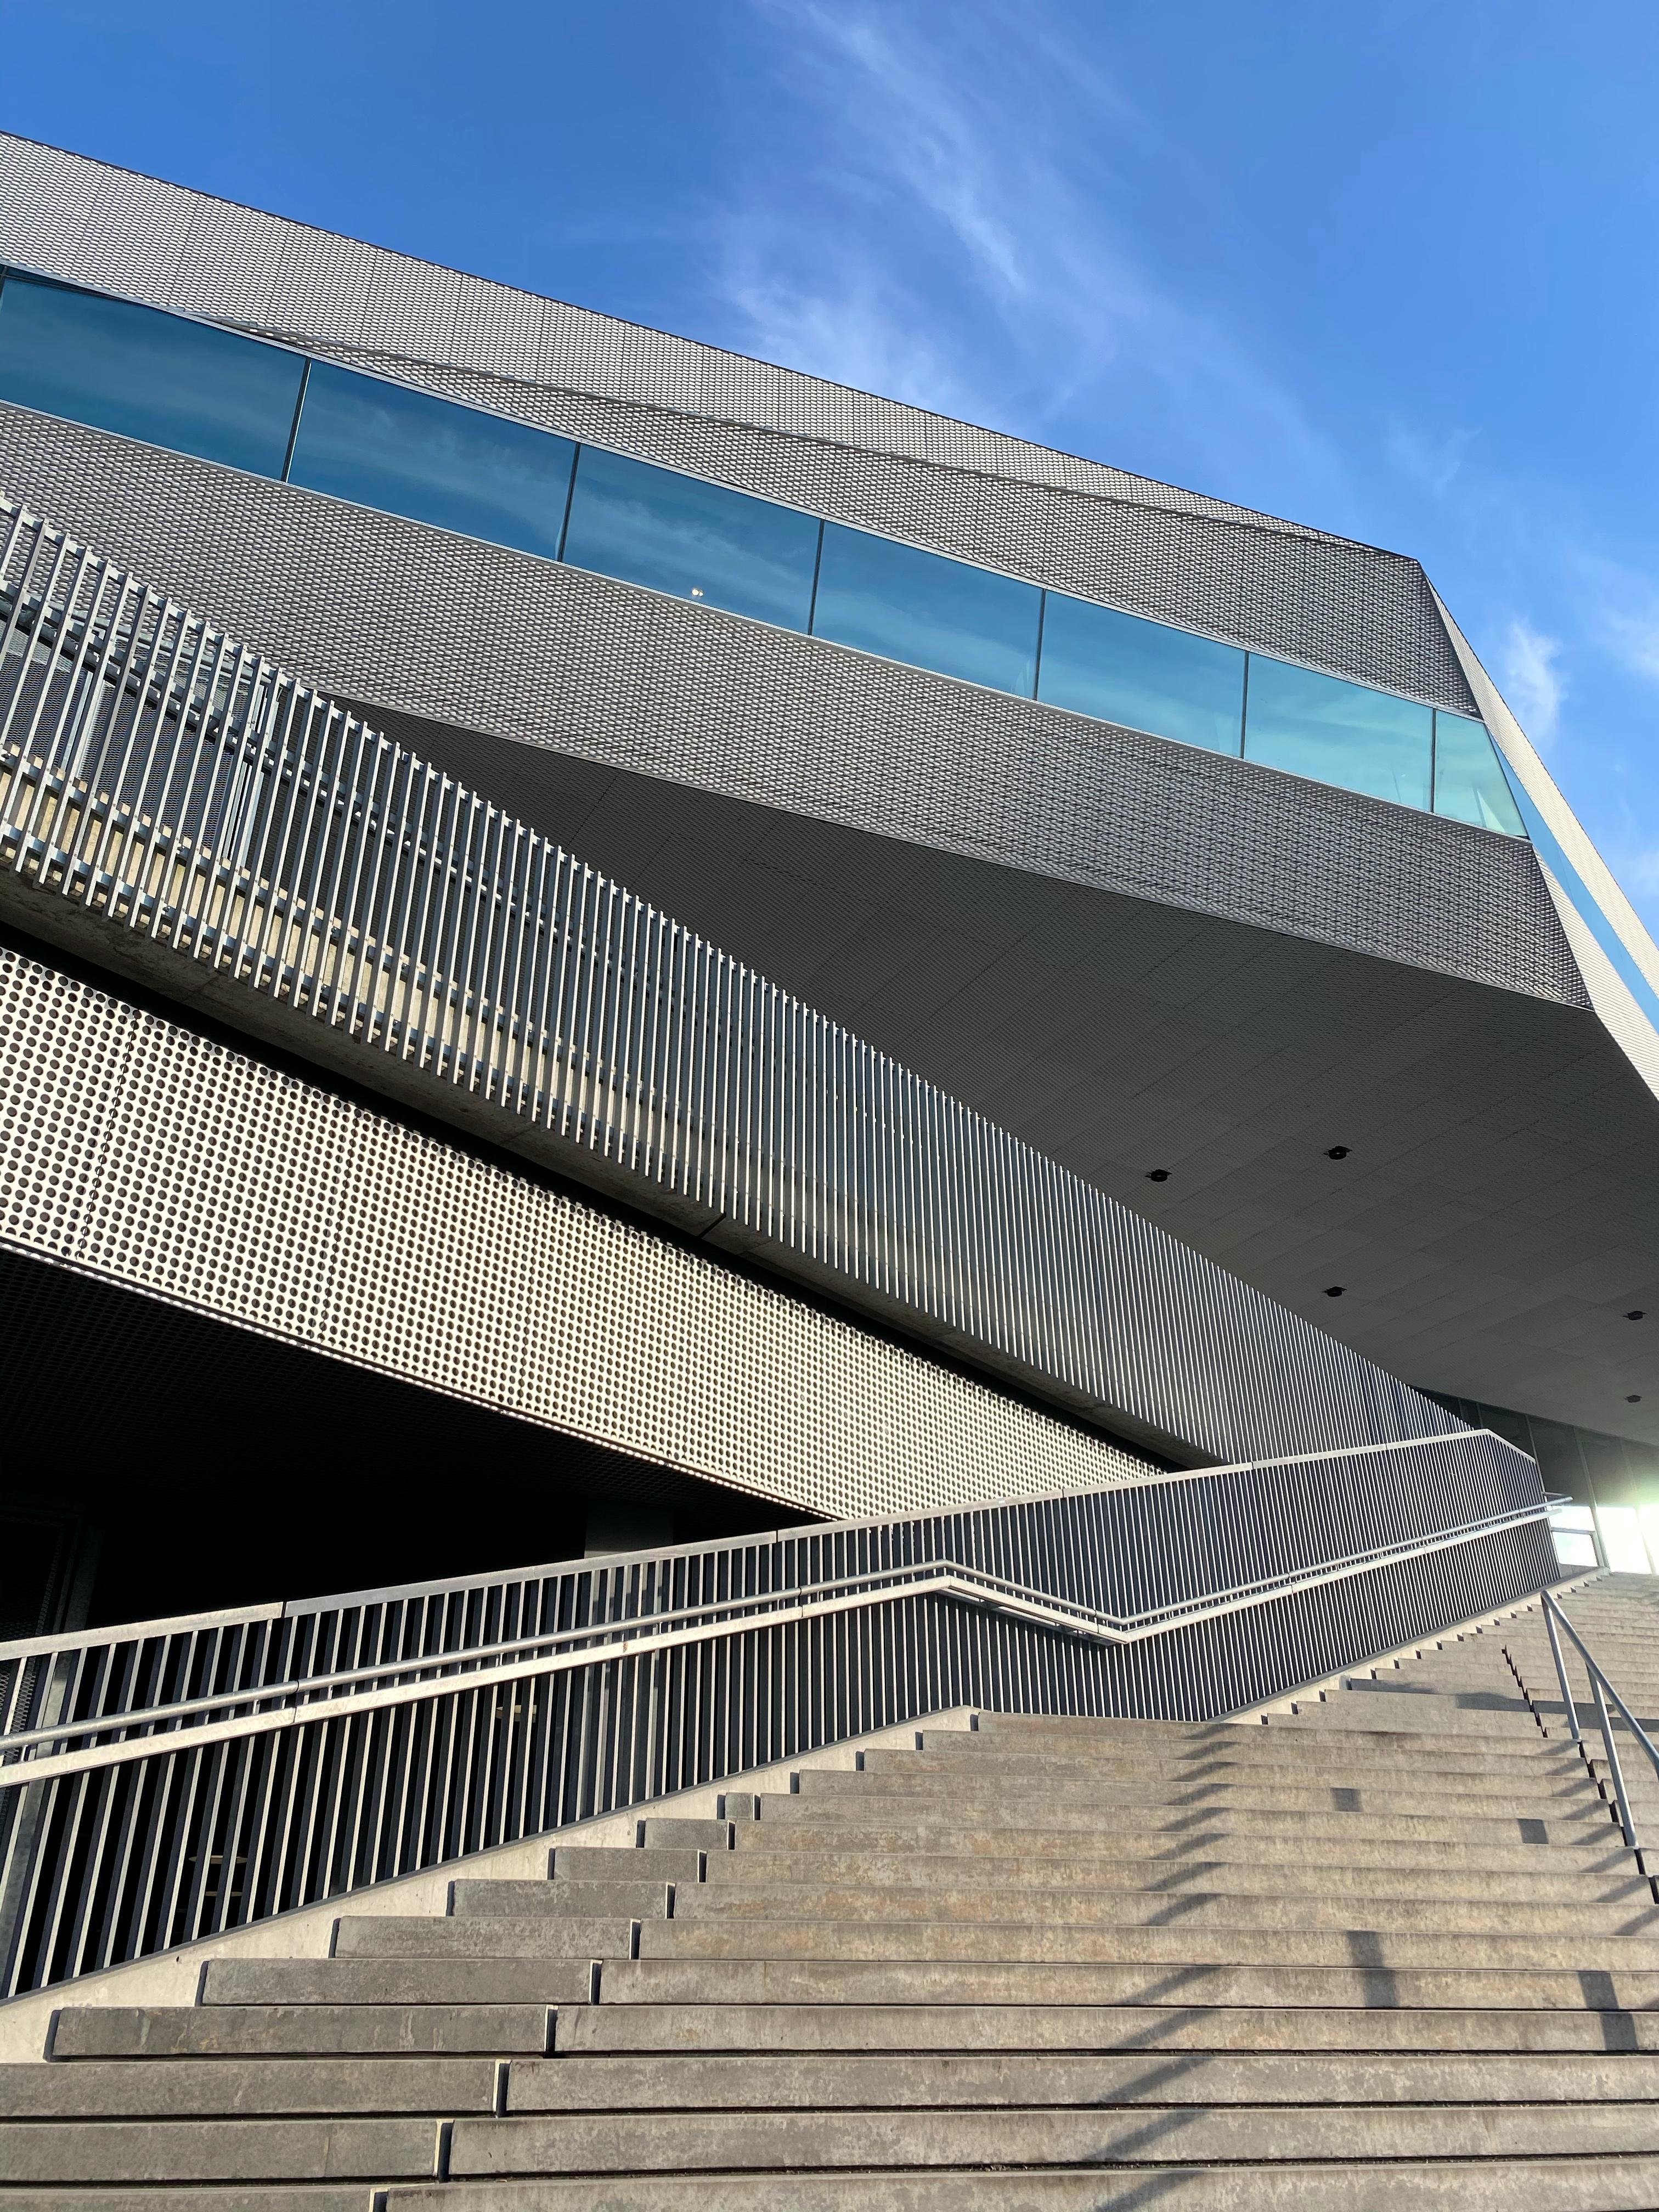 DOKK1 Bibliotek Aarhus Denmark